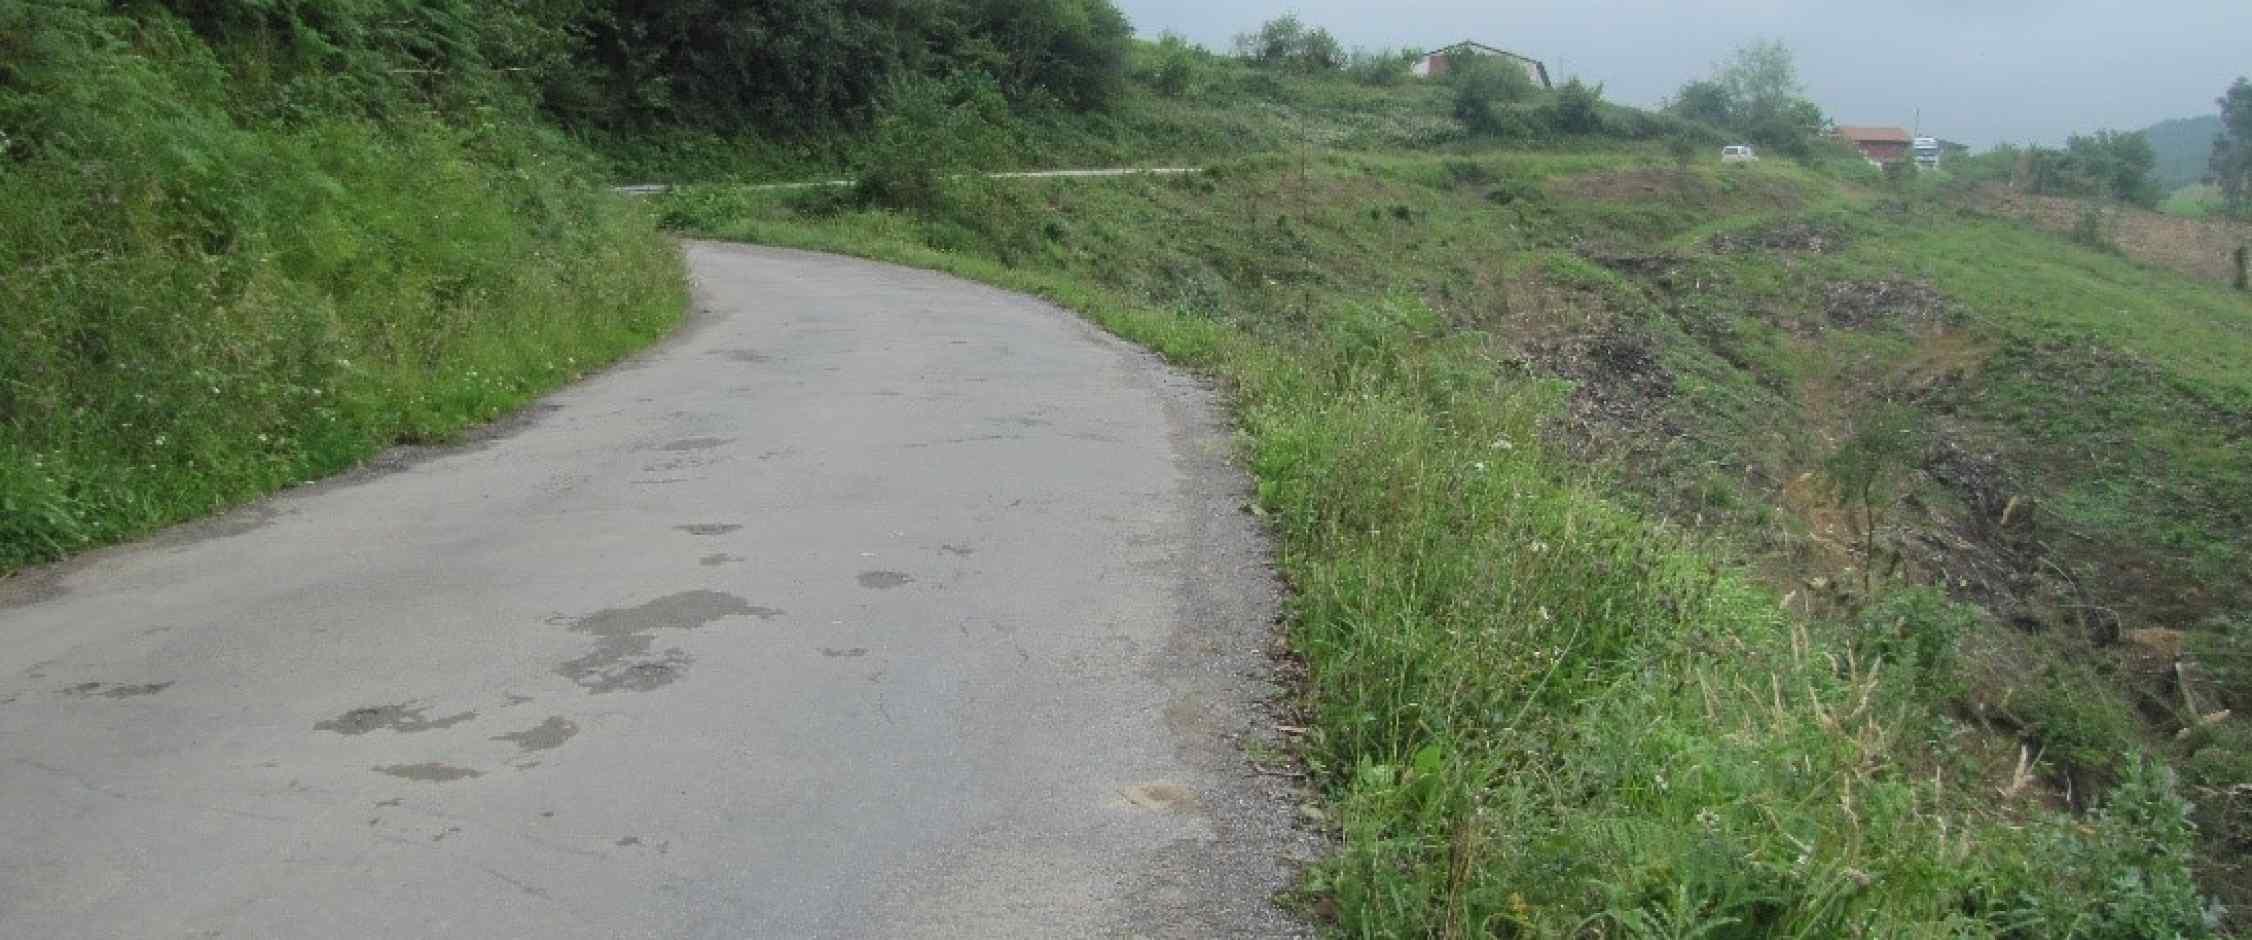 Estado de la carretera en su inspección